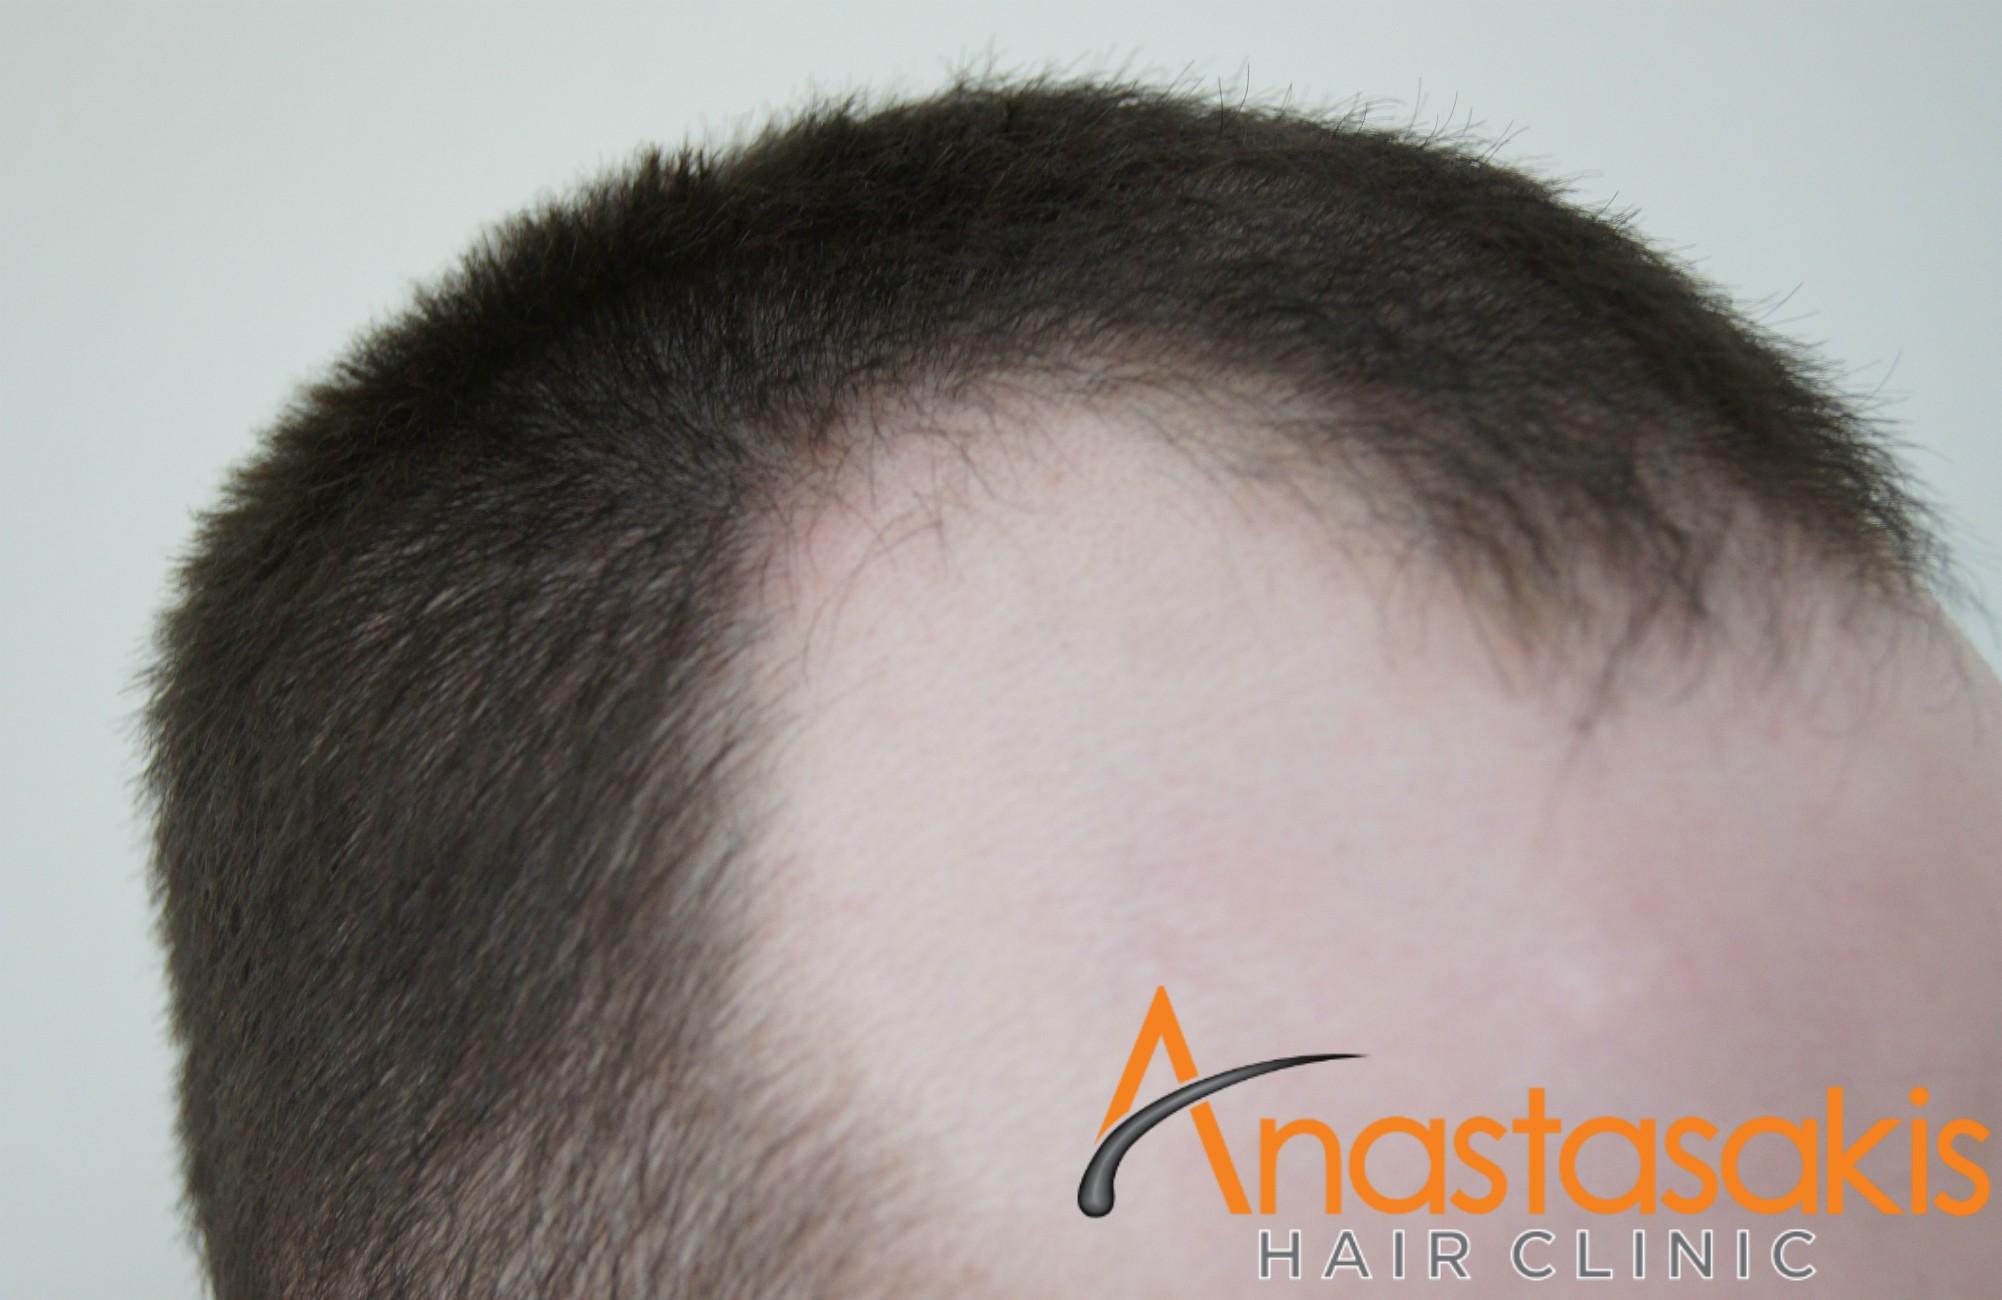 δεξι προφιλ ασθενους πριν τη μεταμοσχευση μαλλιων με 2000 fus